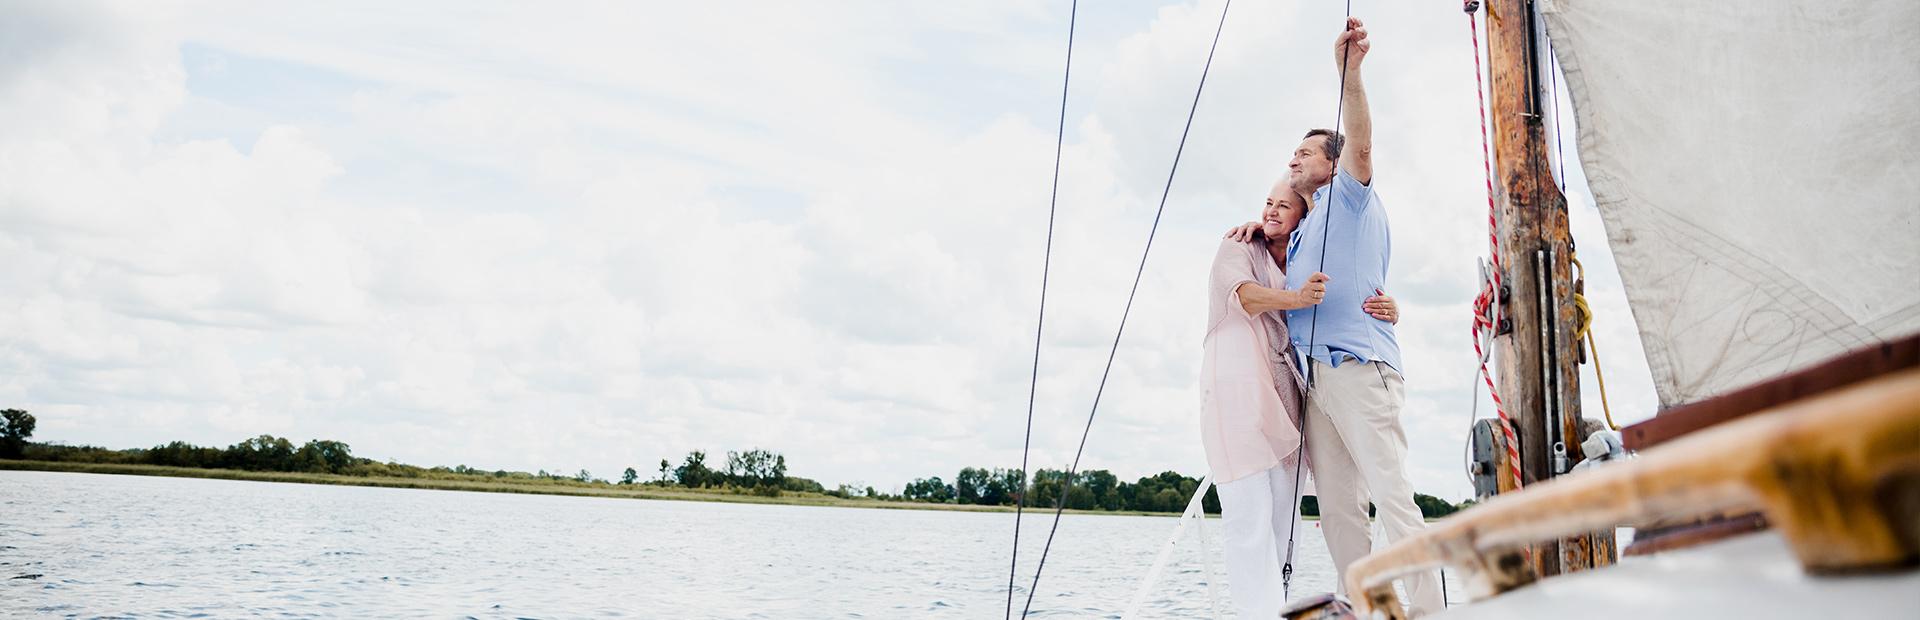 Zdjęcie - ilustracja przedstawiająca parę żeglarzy pływających na żaglówce po mazurskich jeziorach.